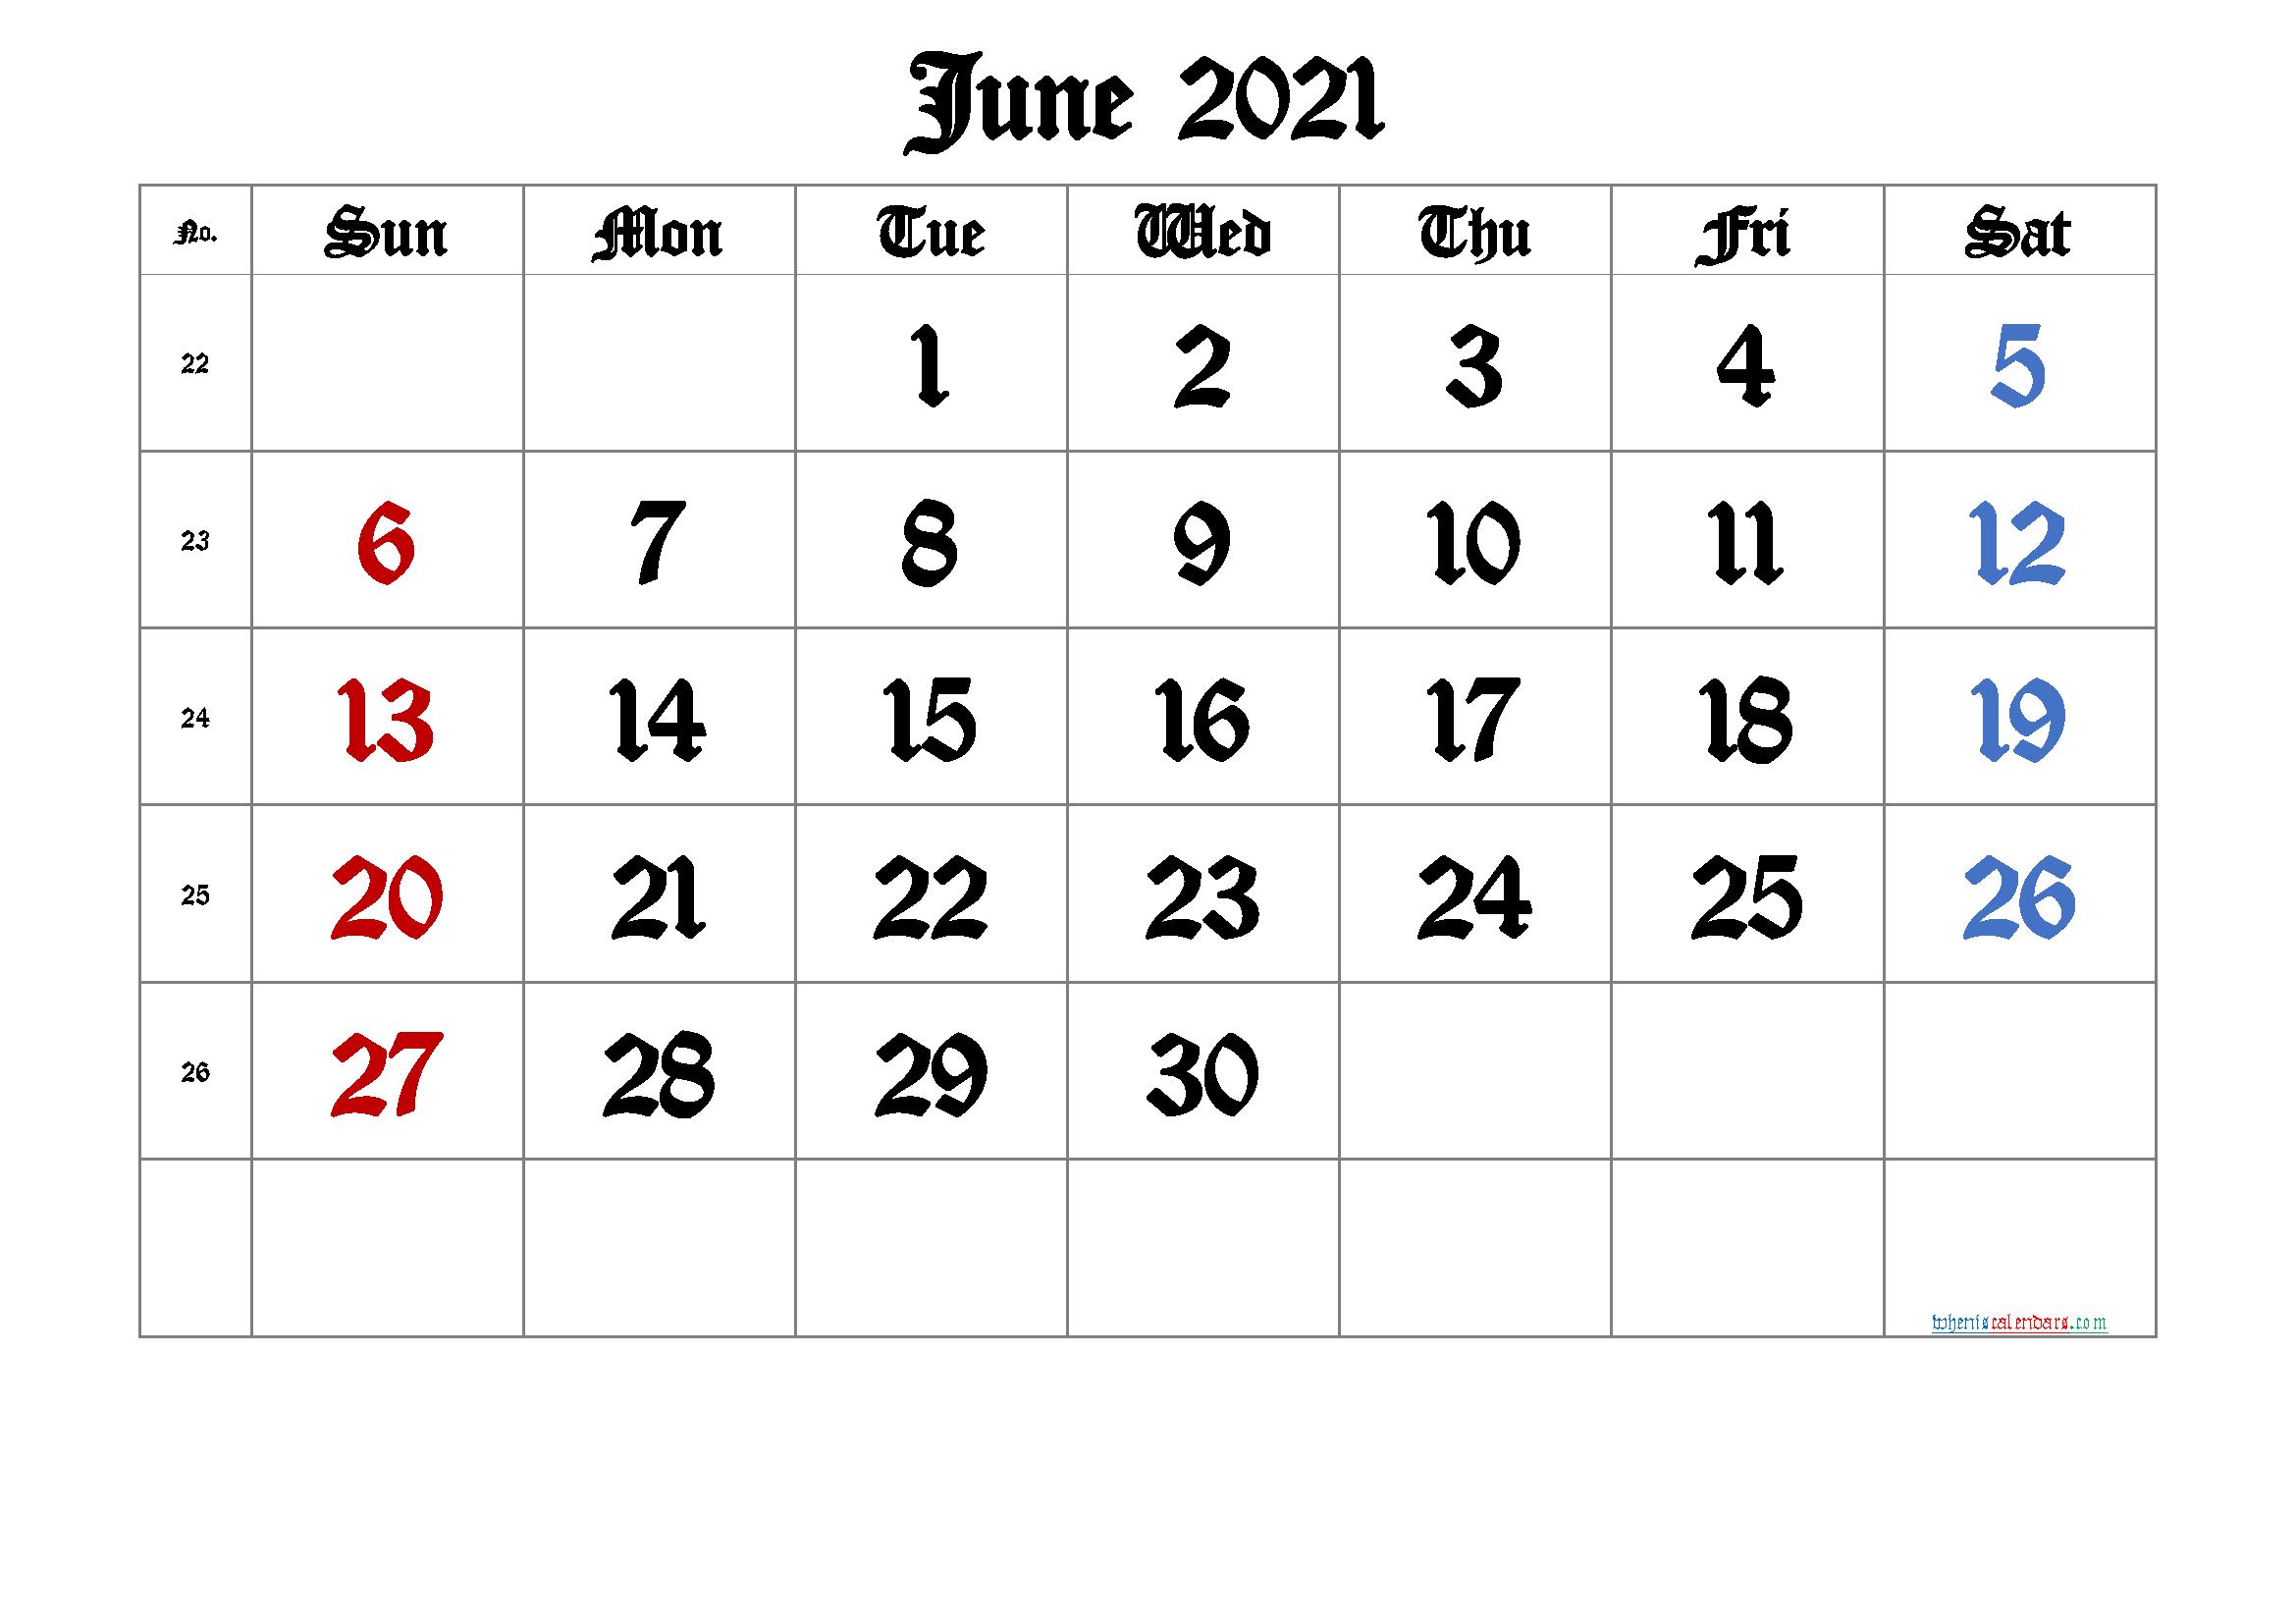 June 2021 Printable Calendar with Week Numbers